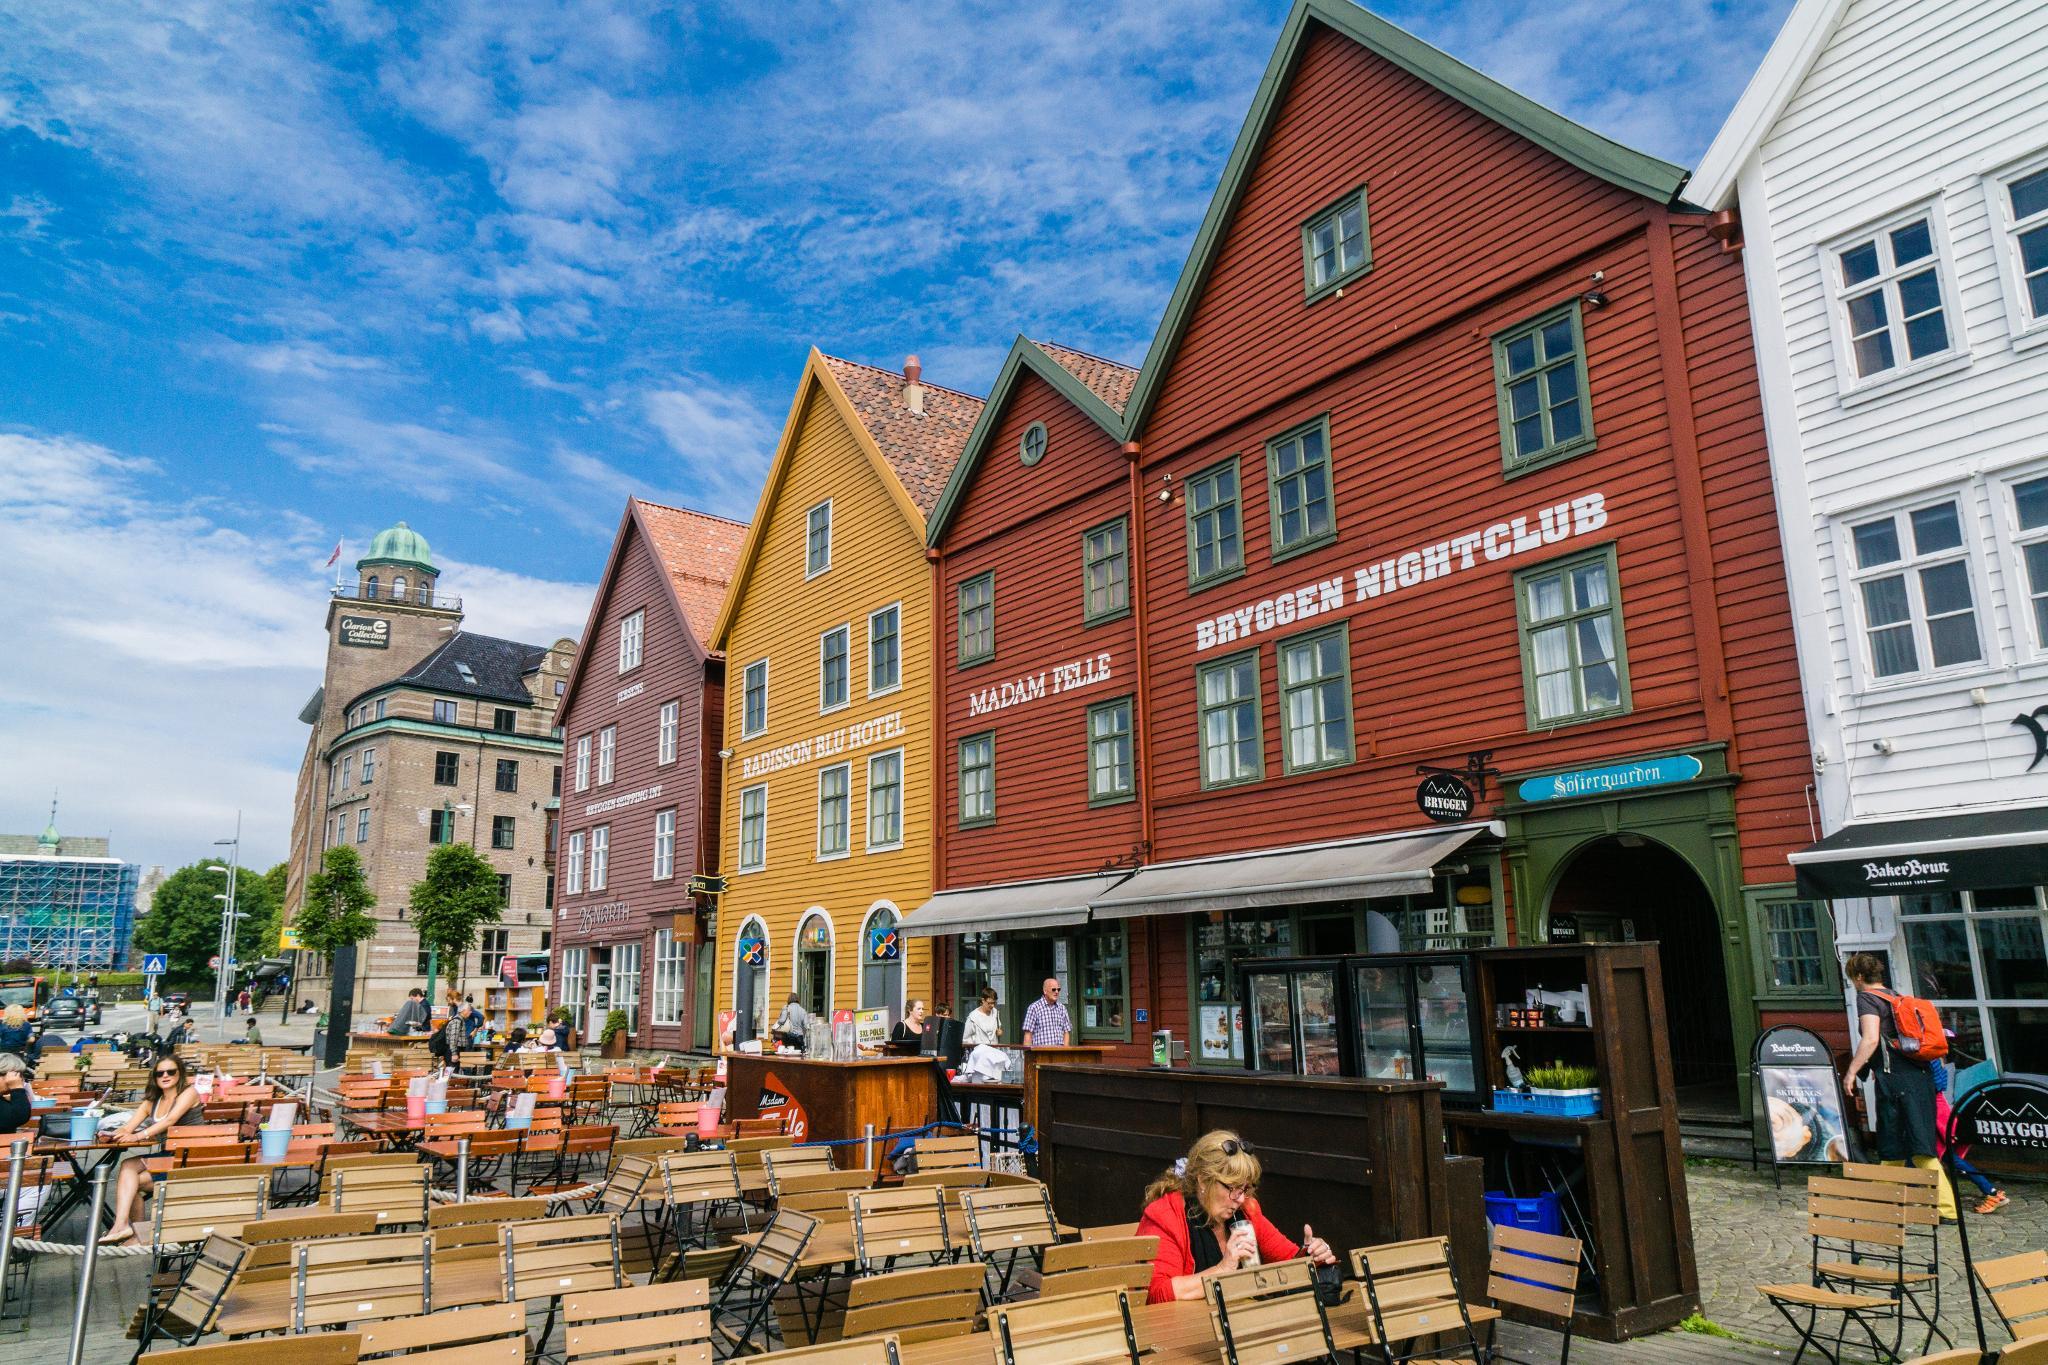 【卑爾根】Bryggen 世界遺產布呂根 — 迷失在百年歷史的挪威彩色木屋